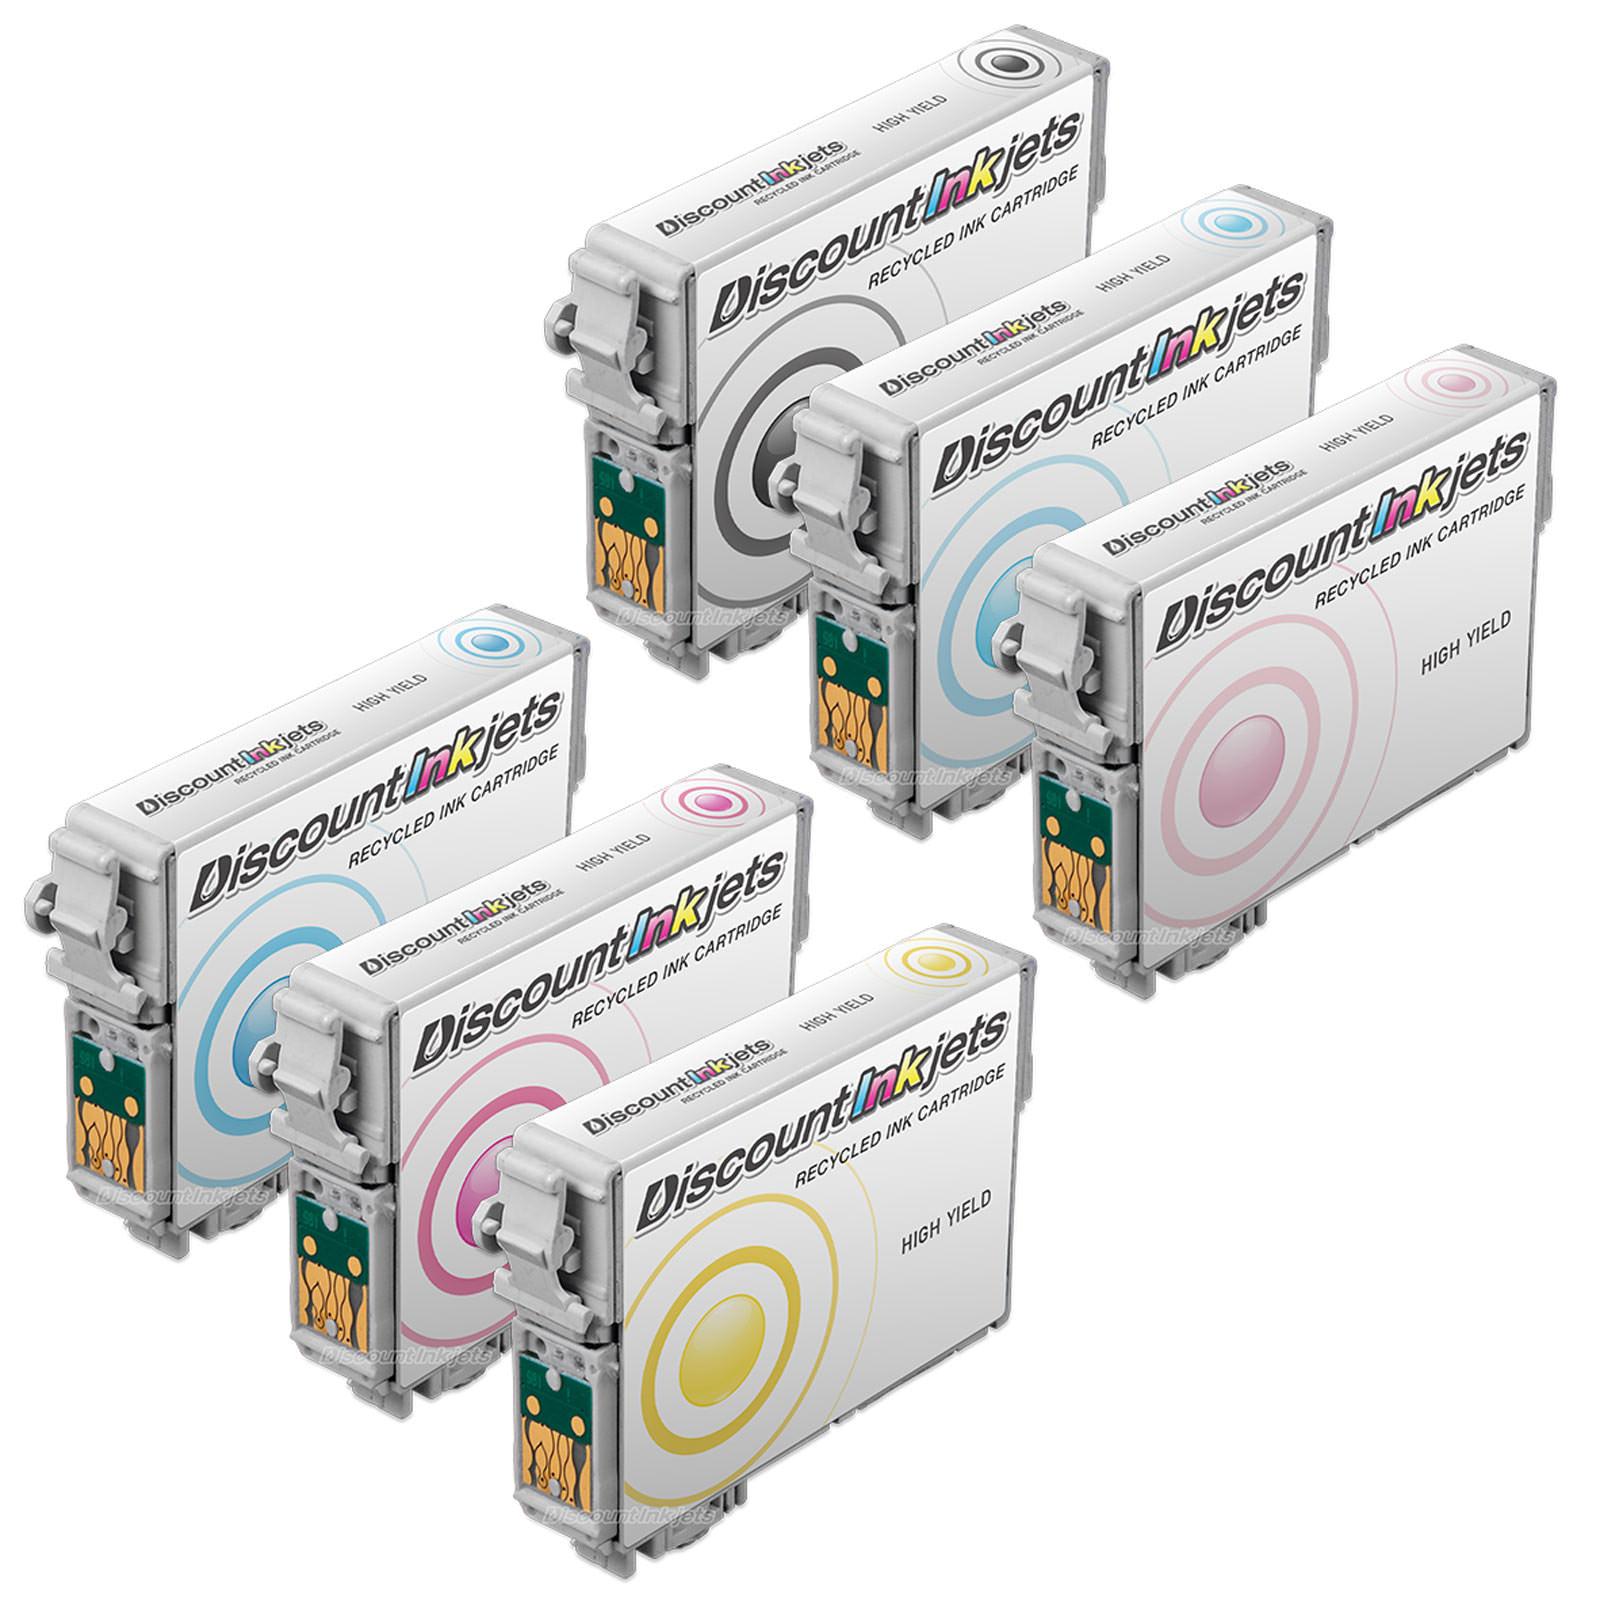 6-Pk//Pack T098 T099 REMAN Ink For Epson Artisan 700 710 725 730 800 810 835 837